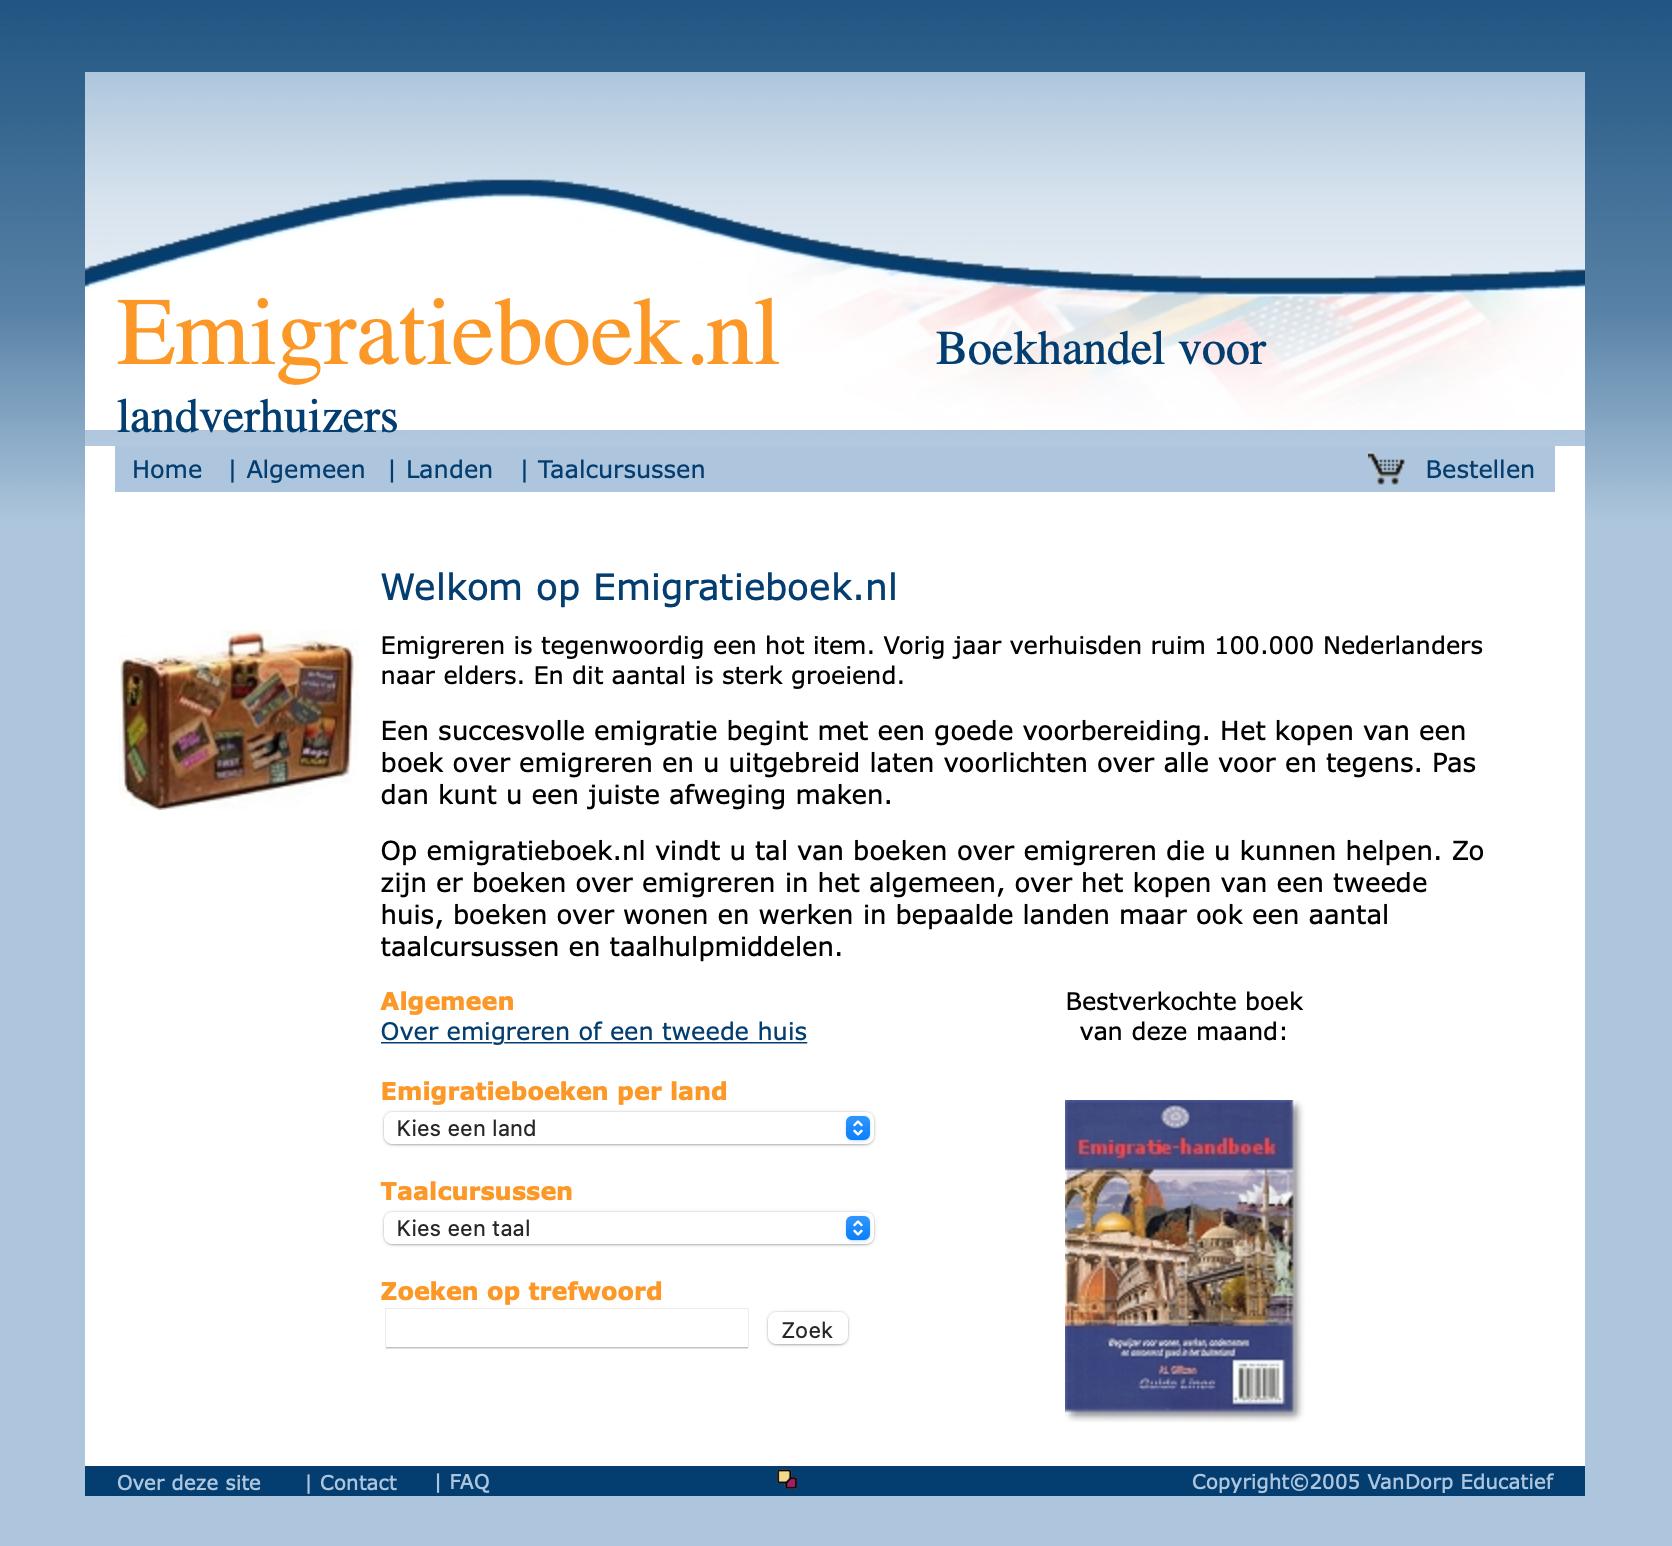 emigratieboek.nl